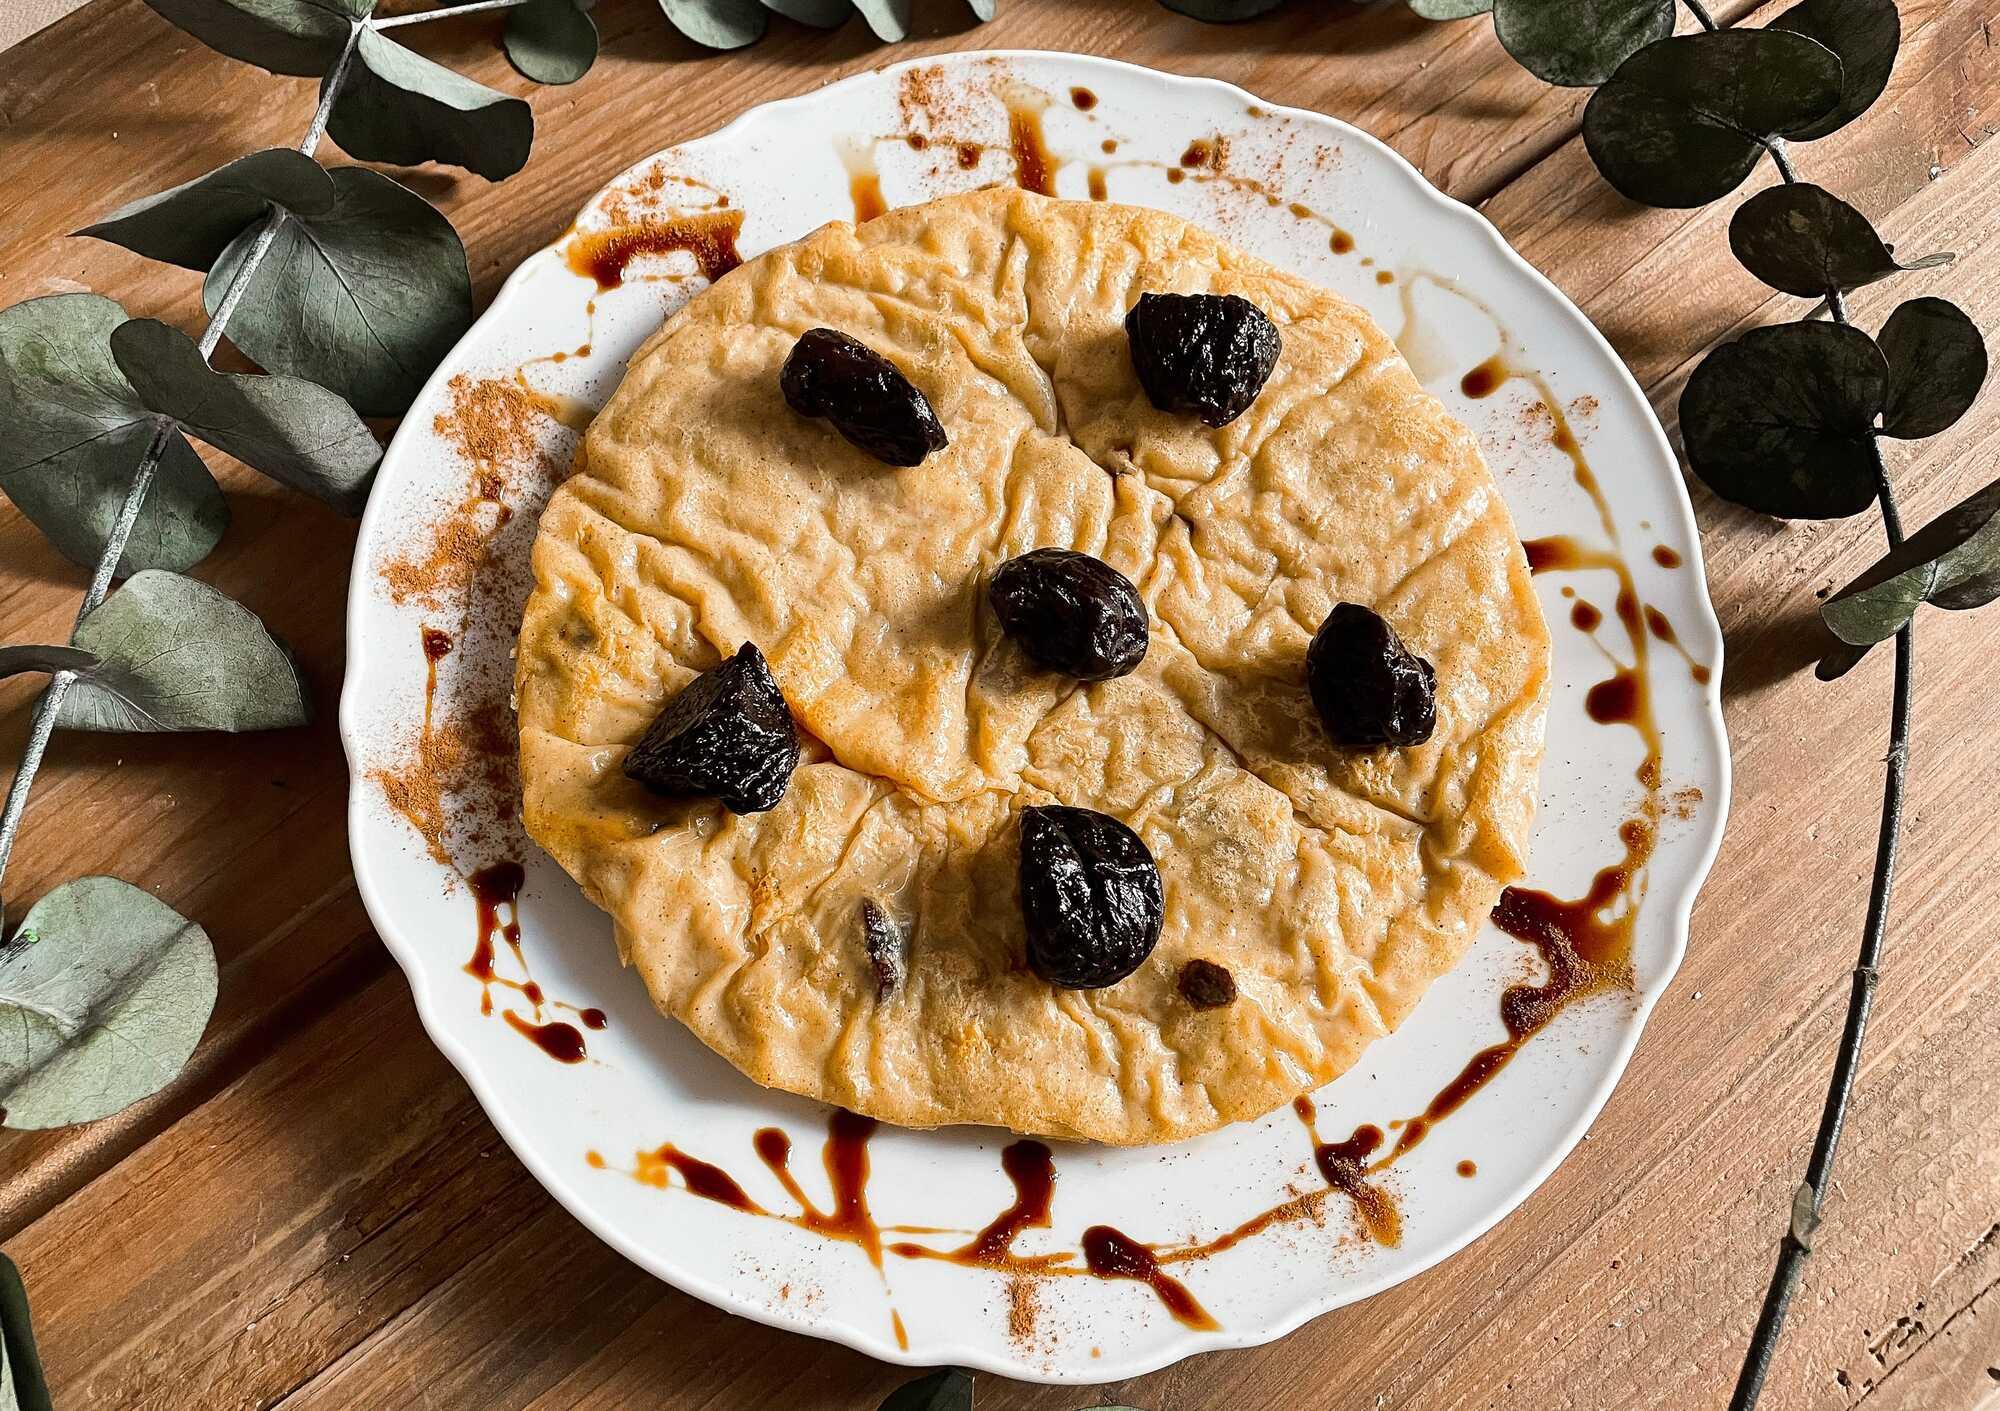 Sur une table en bois se trouve une assiette de couleur blanche dans laquelle est disposé le far breton aux pruneaux.